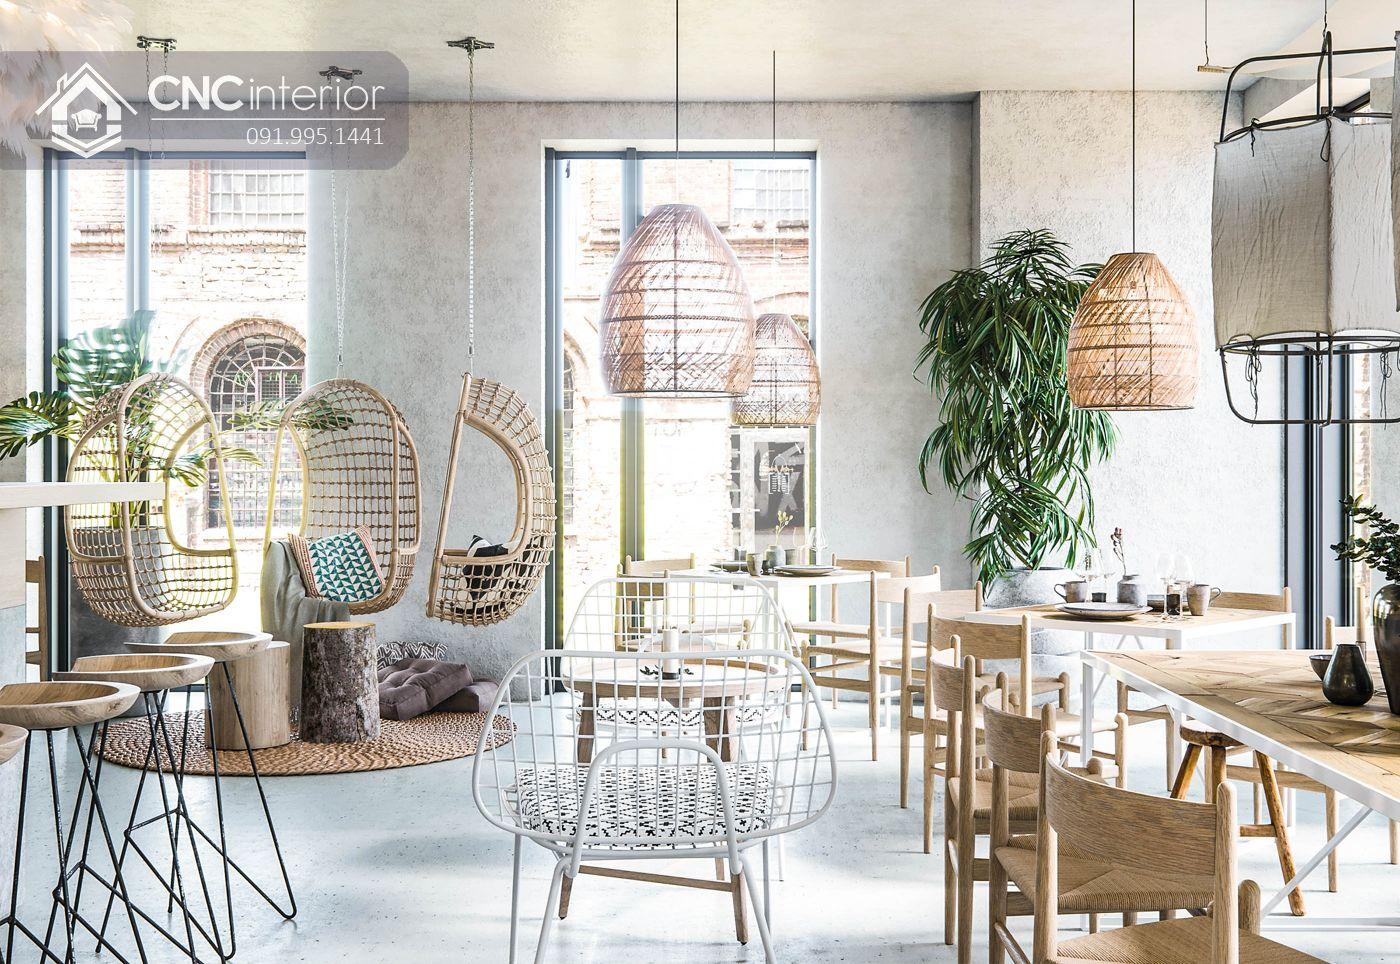 Chọn phong cách thiết kế nội thất thích hợp 3